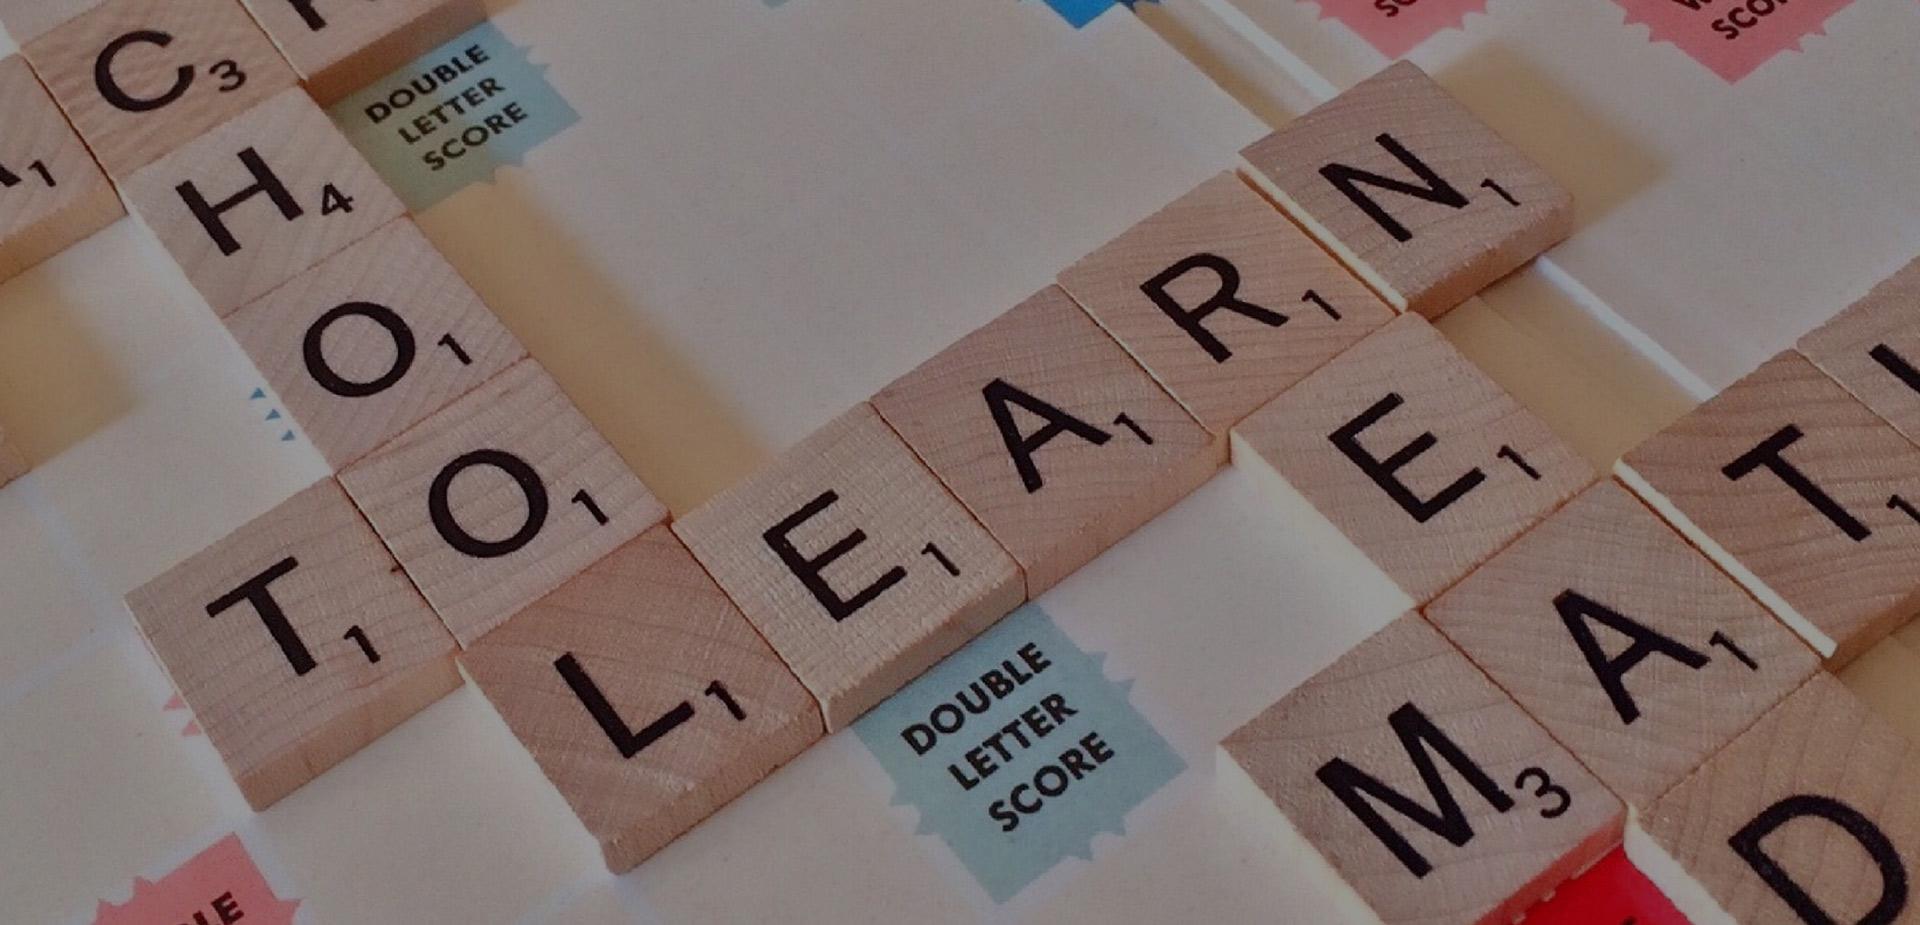 Diplomado en pedagogía del ingles desde la práctica educativa